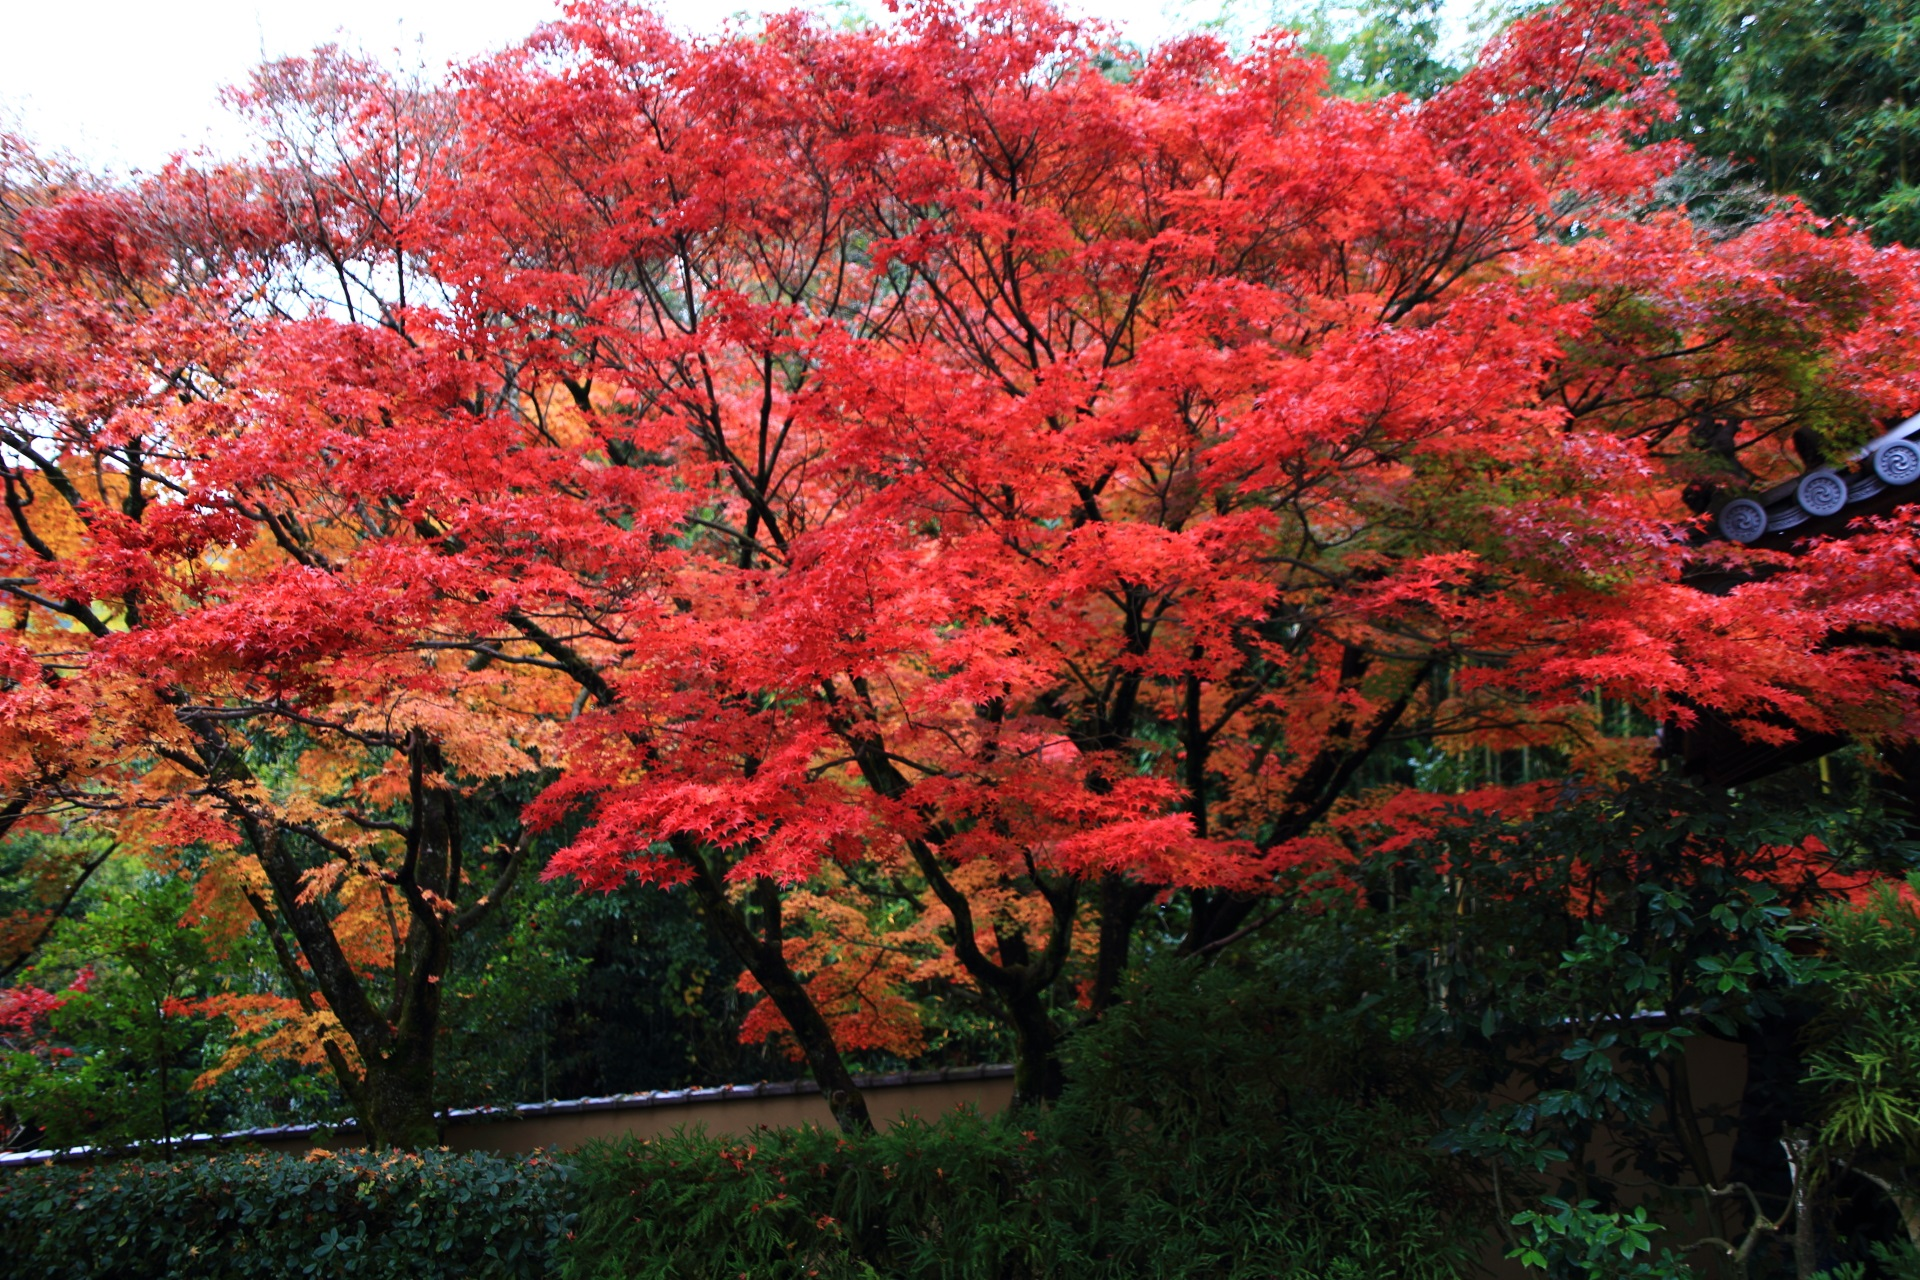 参道の横から眺めた溢れ出す真っ赤な紅葉